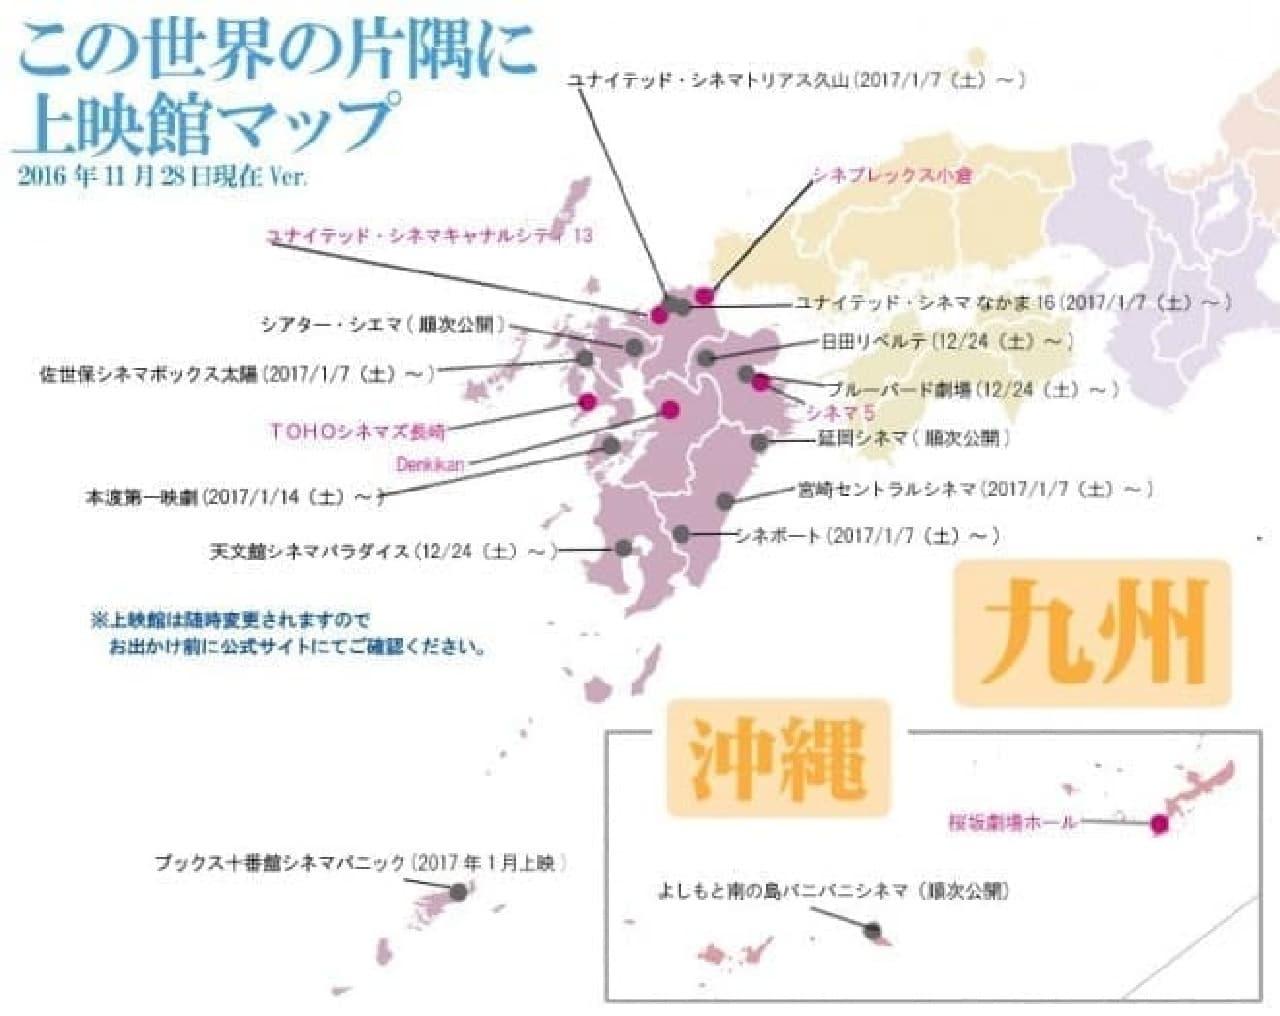 上映館マップ九州・沖縄編